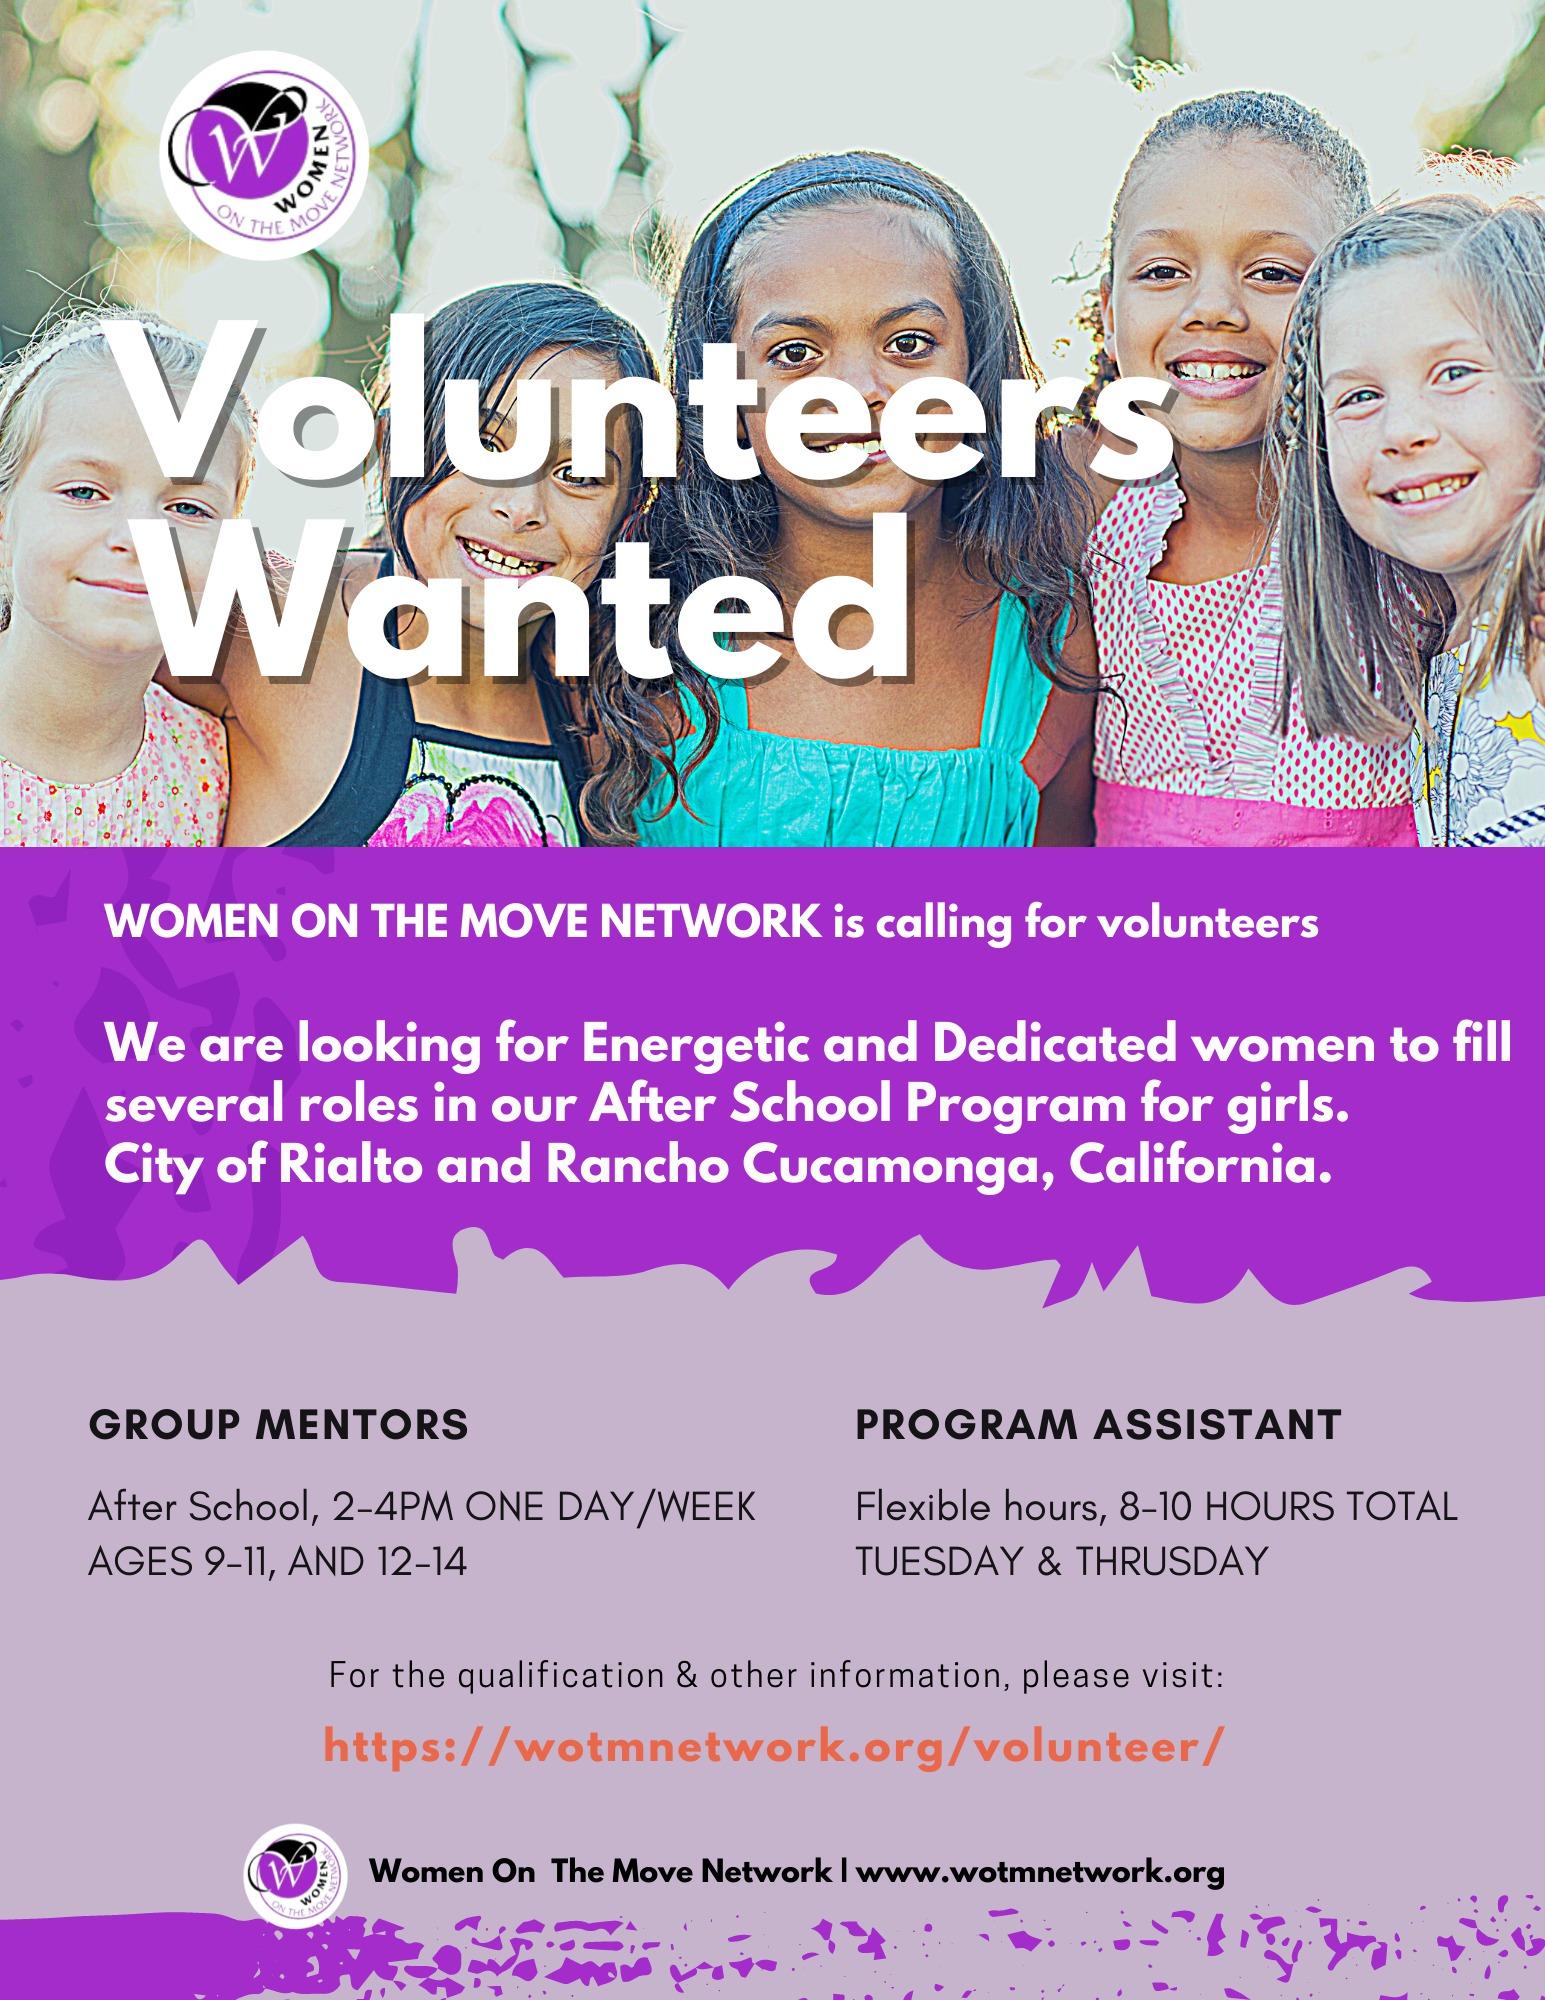 Volunteers Wanted Flyer